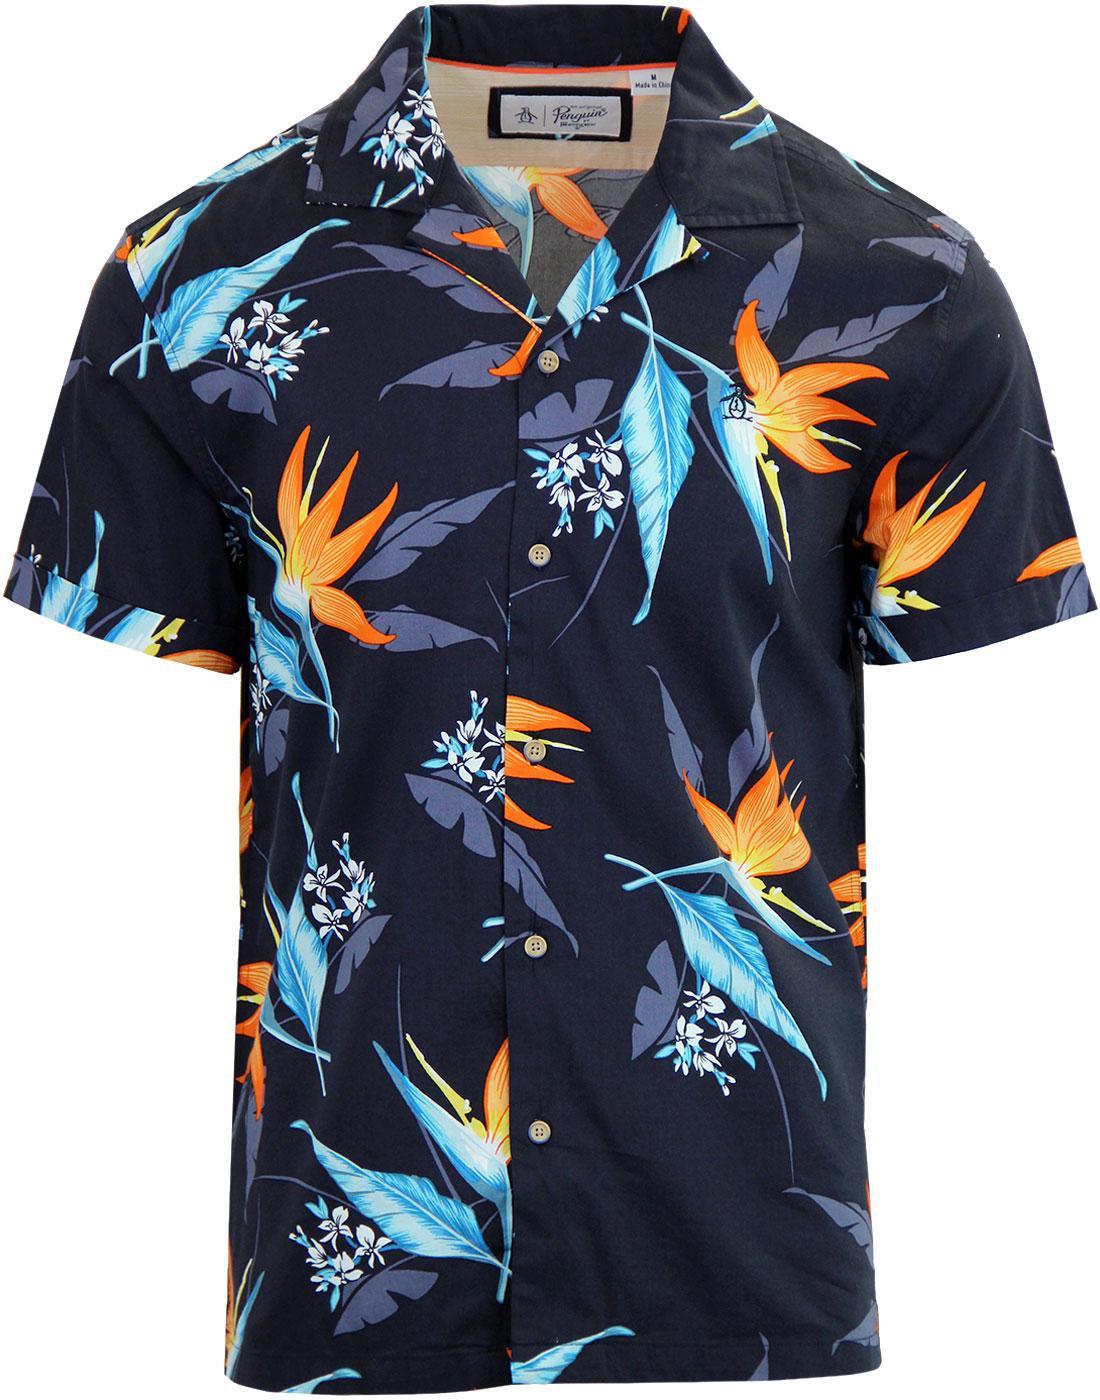 ORIGINAL PENGUIN Tropical Floral Hawaiian Shirt